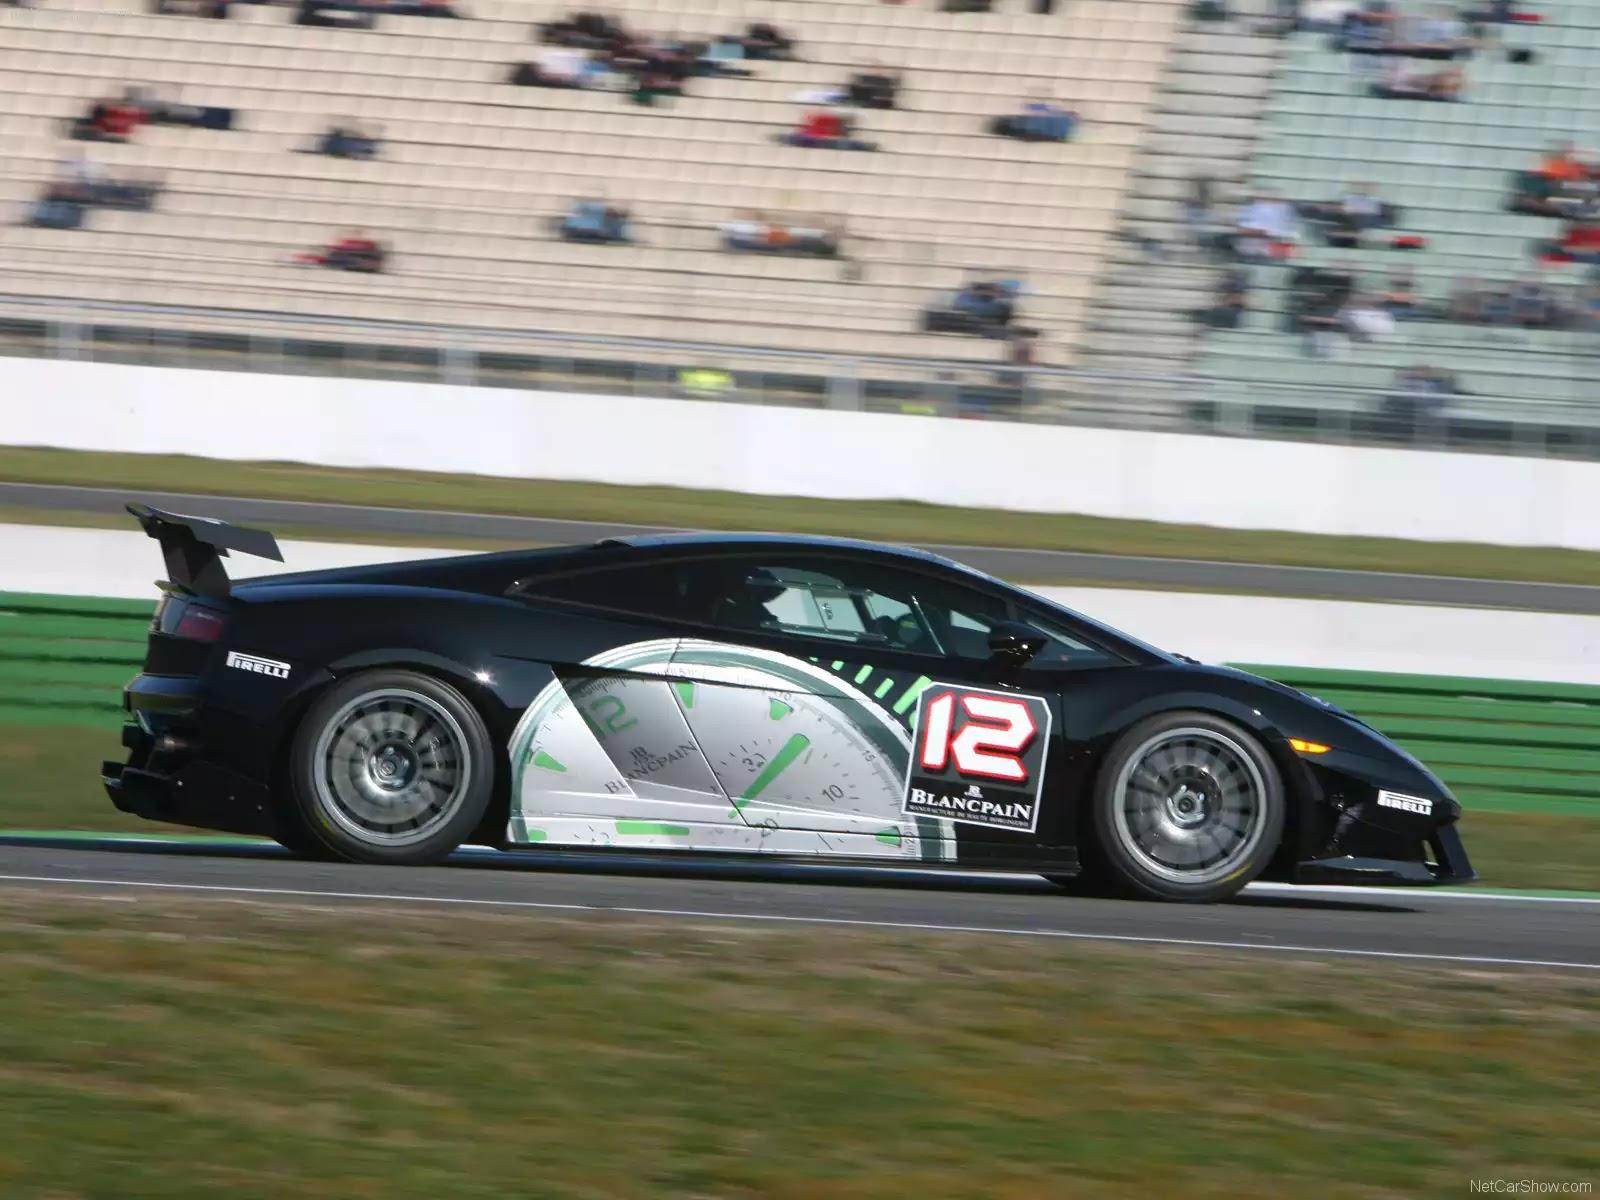 Hình ảnh siêu xe Lamborghini Gallardo LP560-4 Super Trofeo 2009 & nội ngoại thất